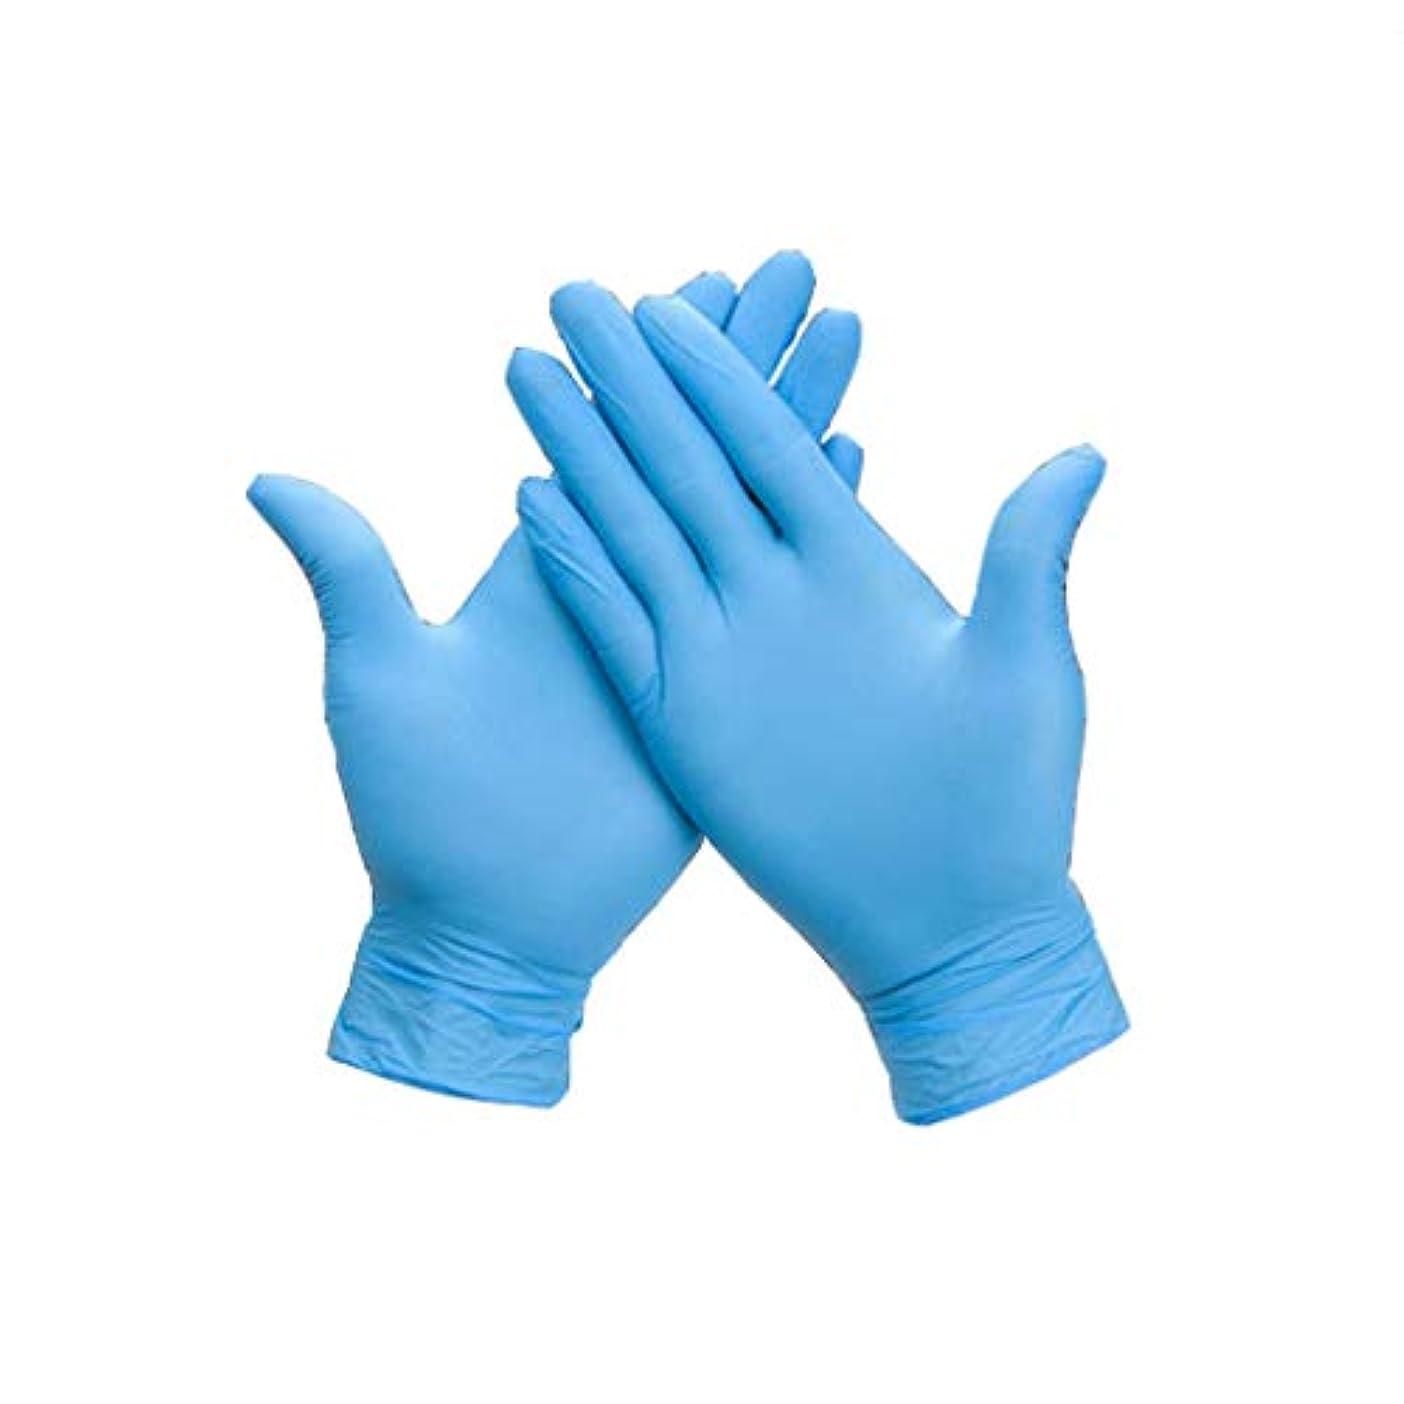 シルク支援するトーナメント手袋使い捨ての健康診断ニトリル手袋食品グレード輸入青粉フリー丁清の手袋200 (サイズ さいず : L l)